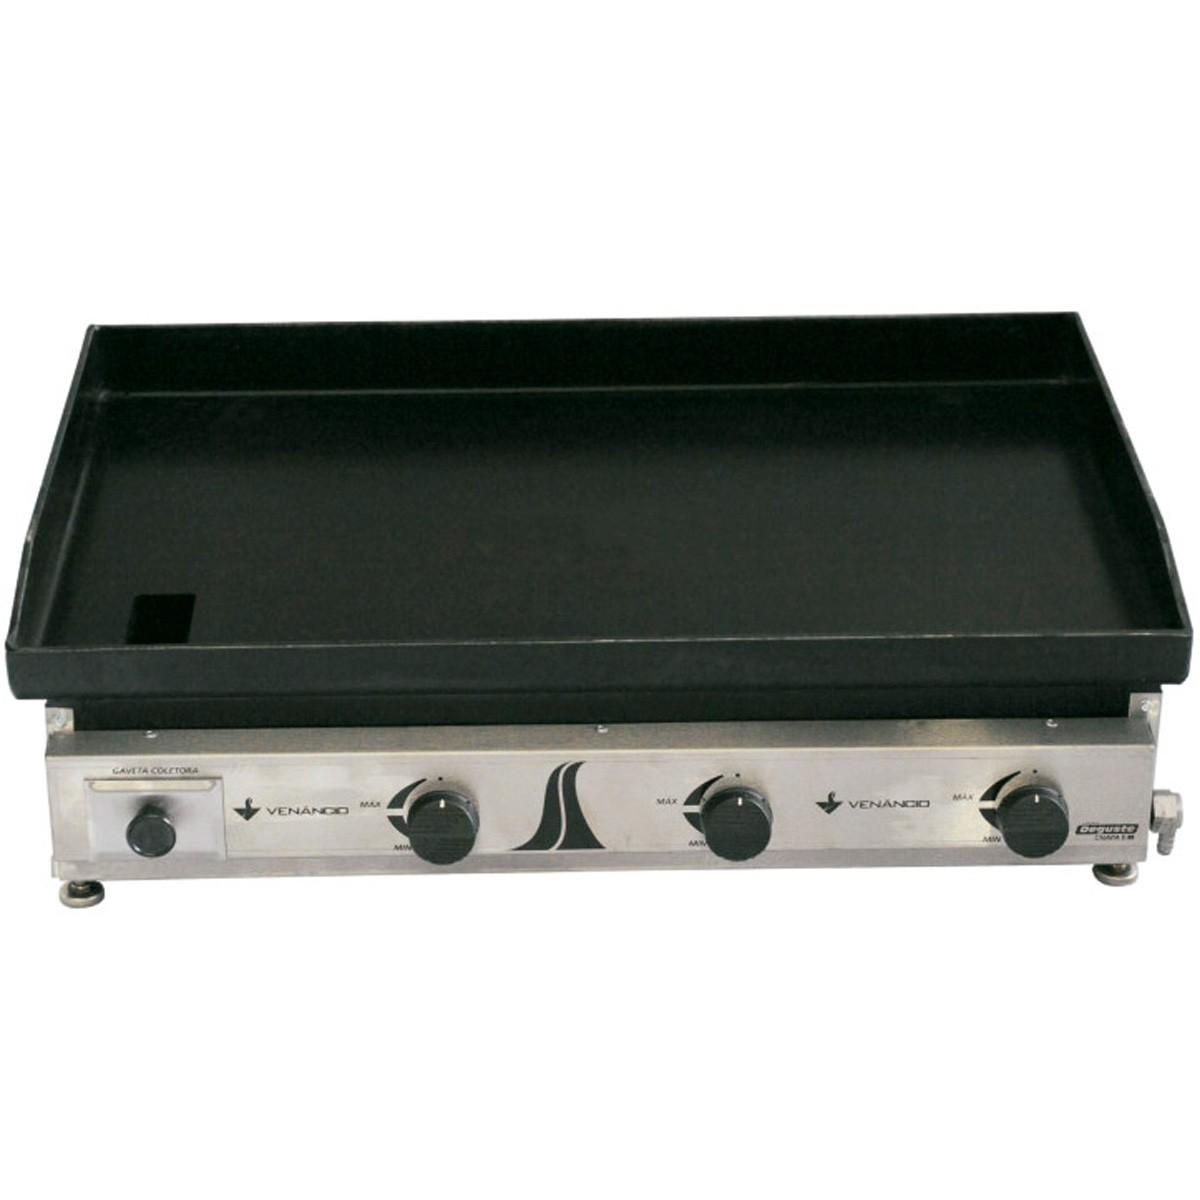 CHAPA C80 GAS INOX ESCOVADO MODELO 800 VENANCIO